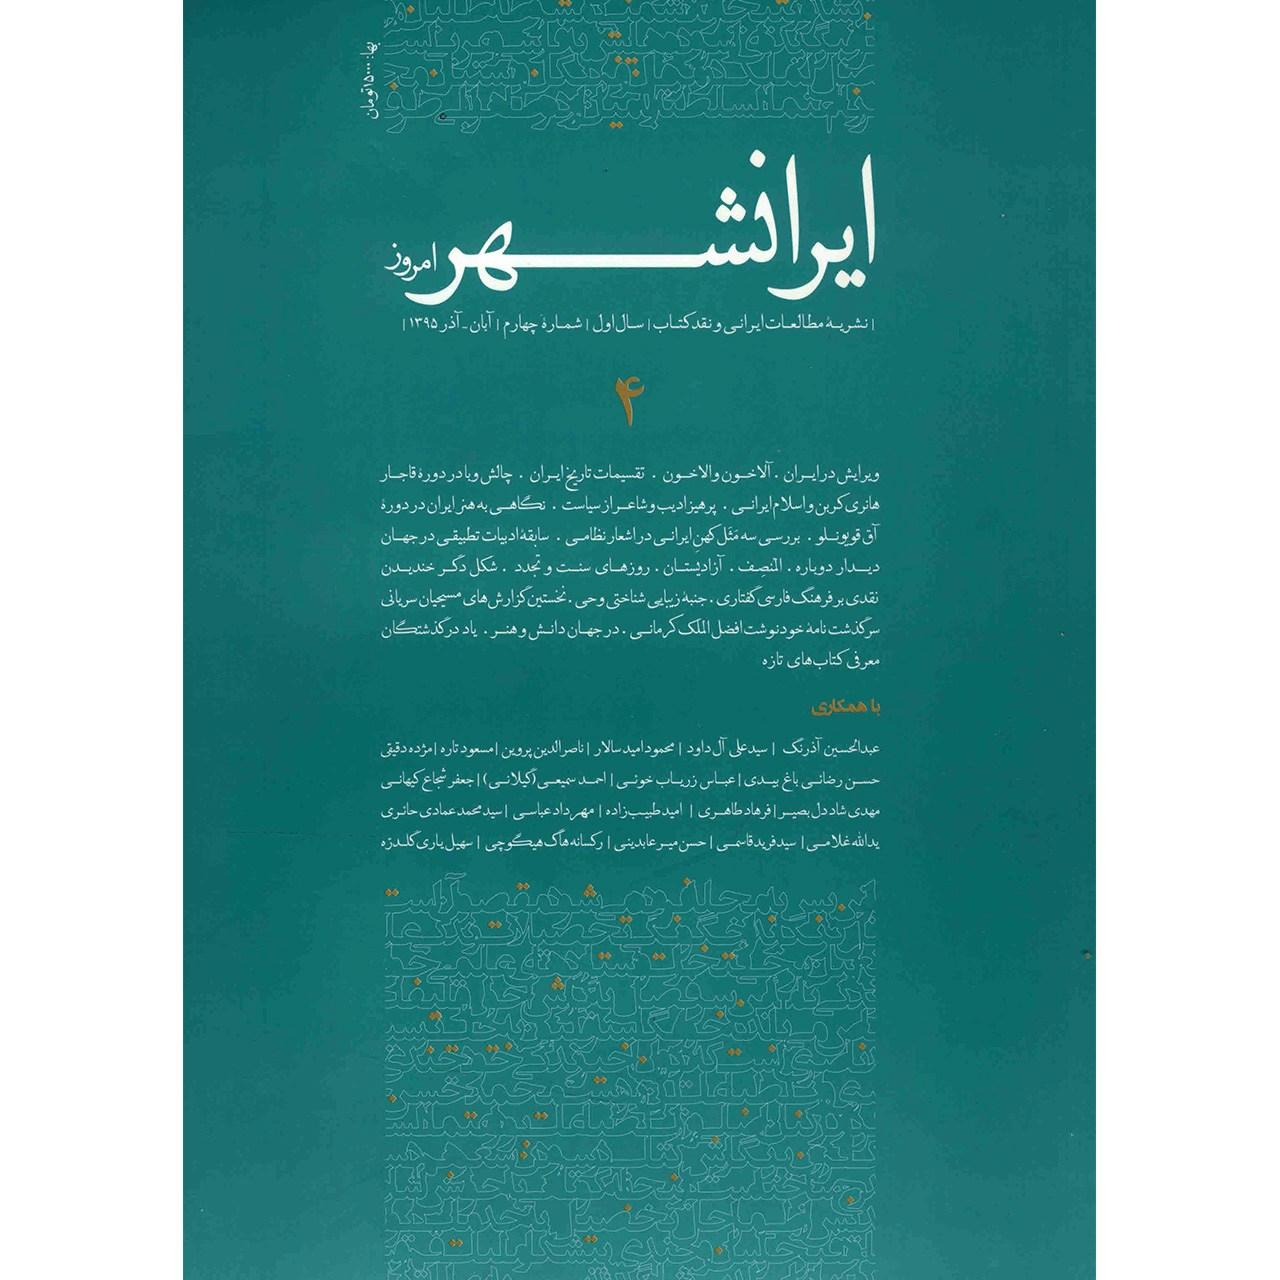 مجله ایرانشهر امروز - شماره 4